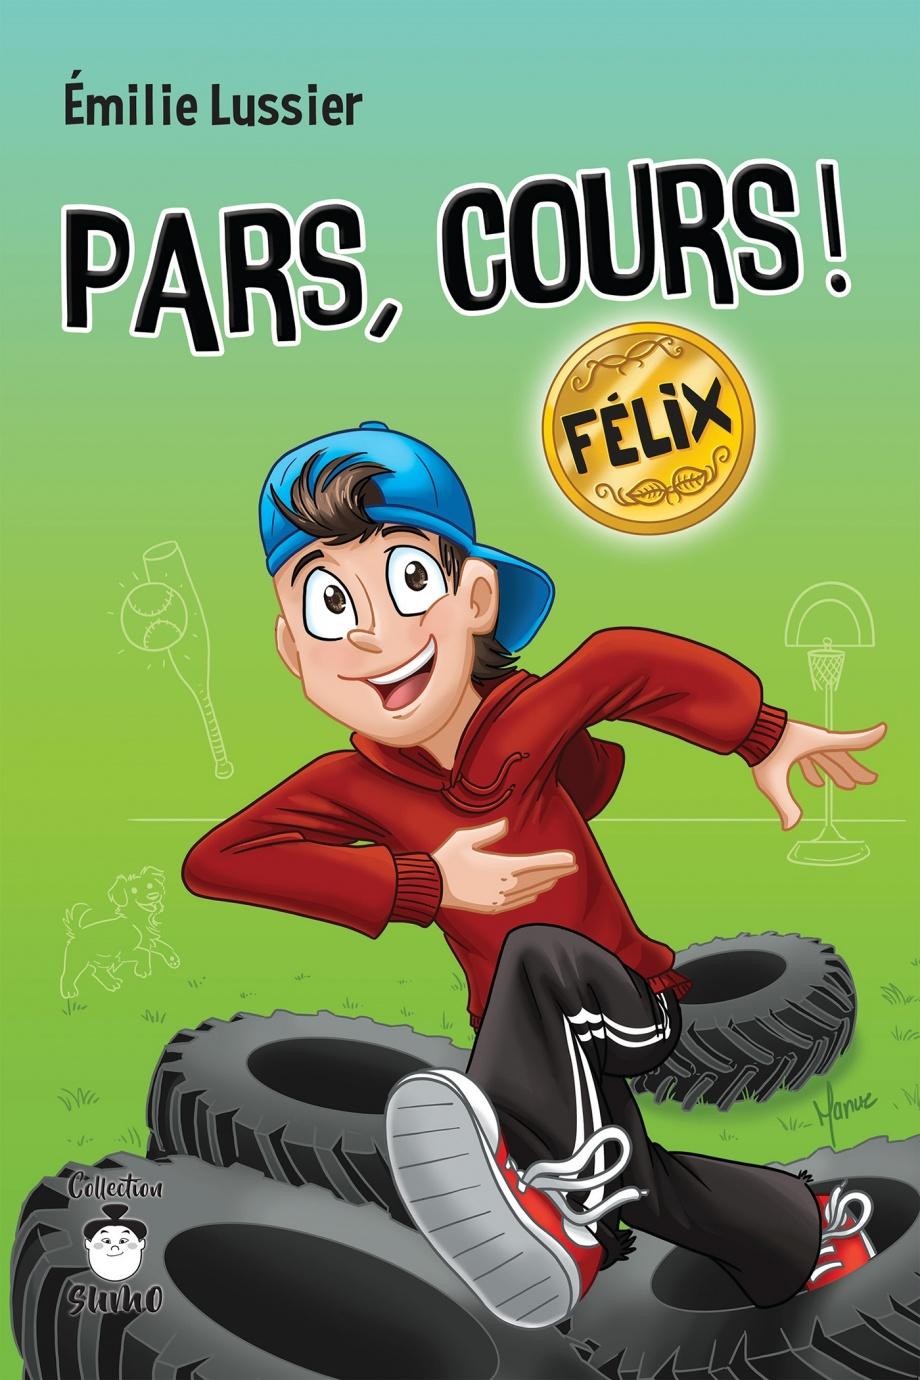 Pars, cours ! : Félix